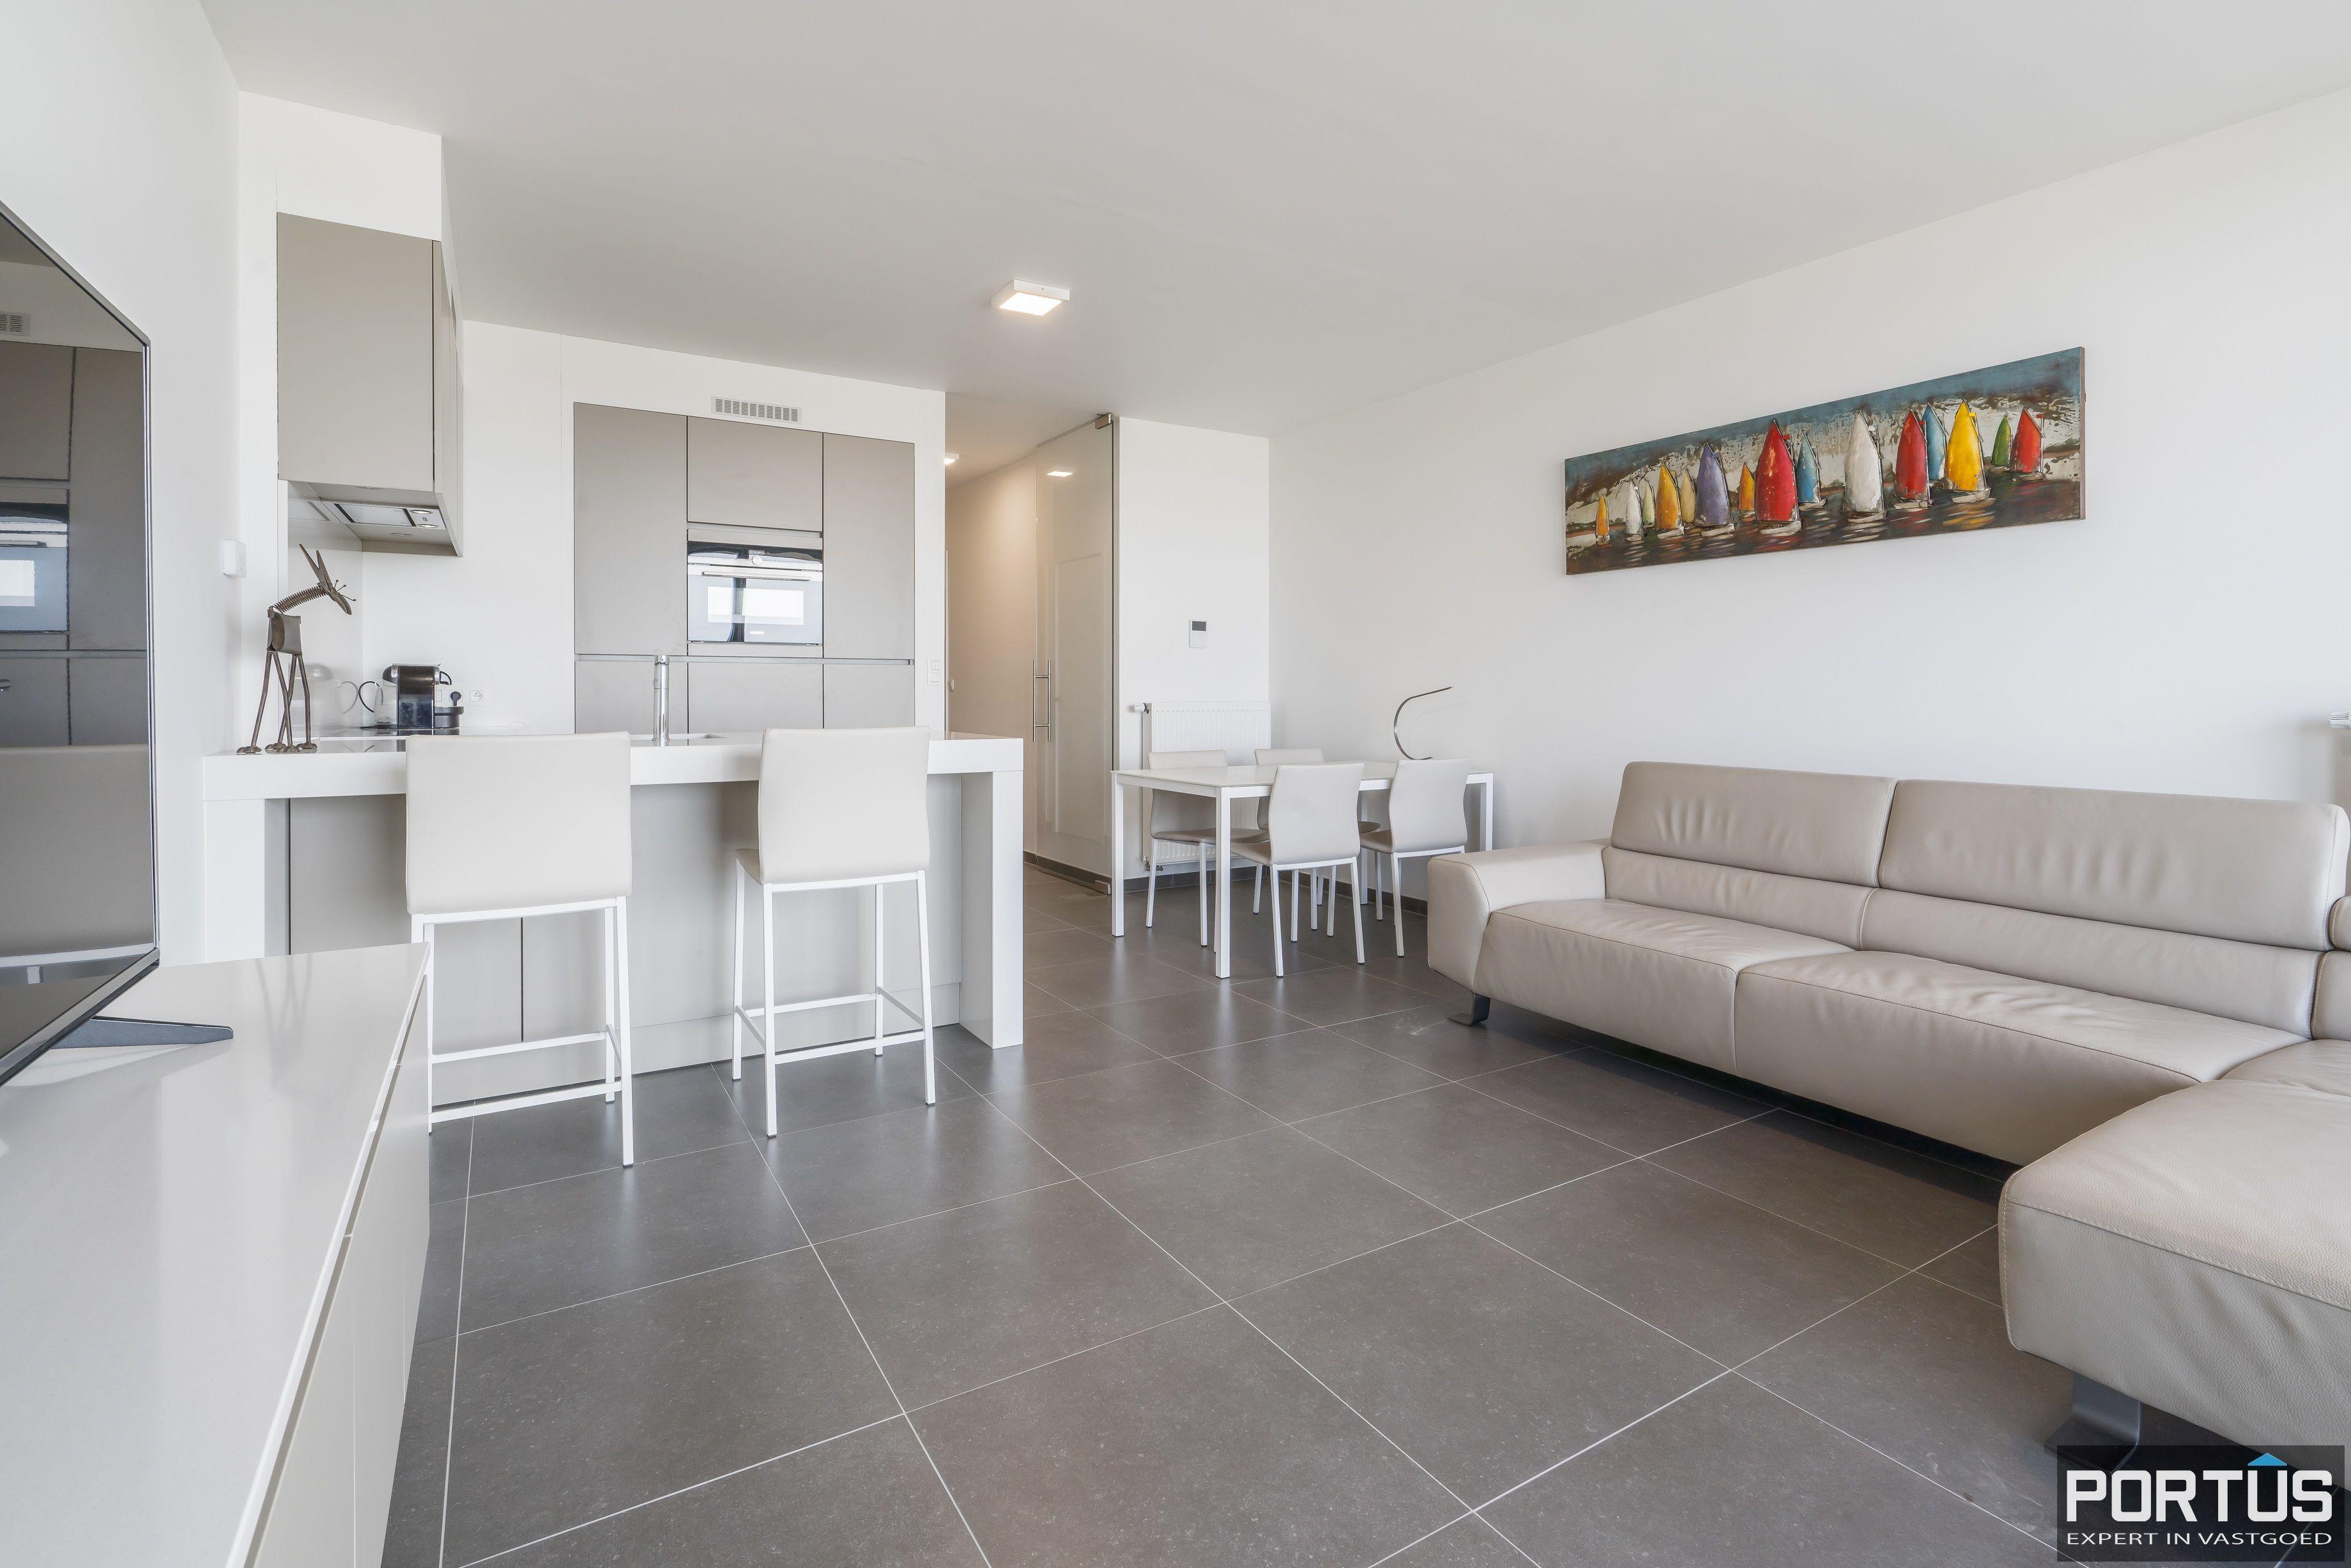 Recent appartement te koop te Nieuwpoort met frontaal zeezicht - 12383